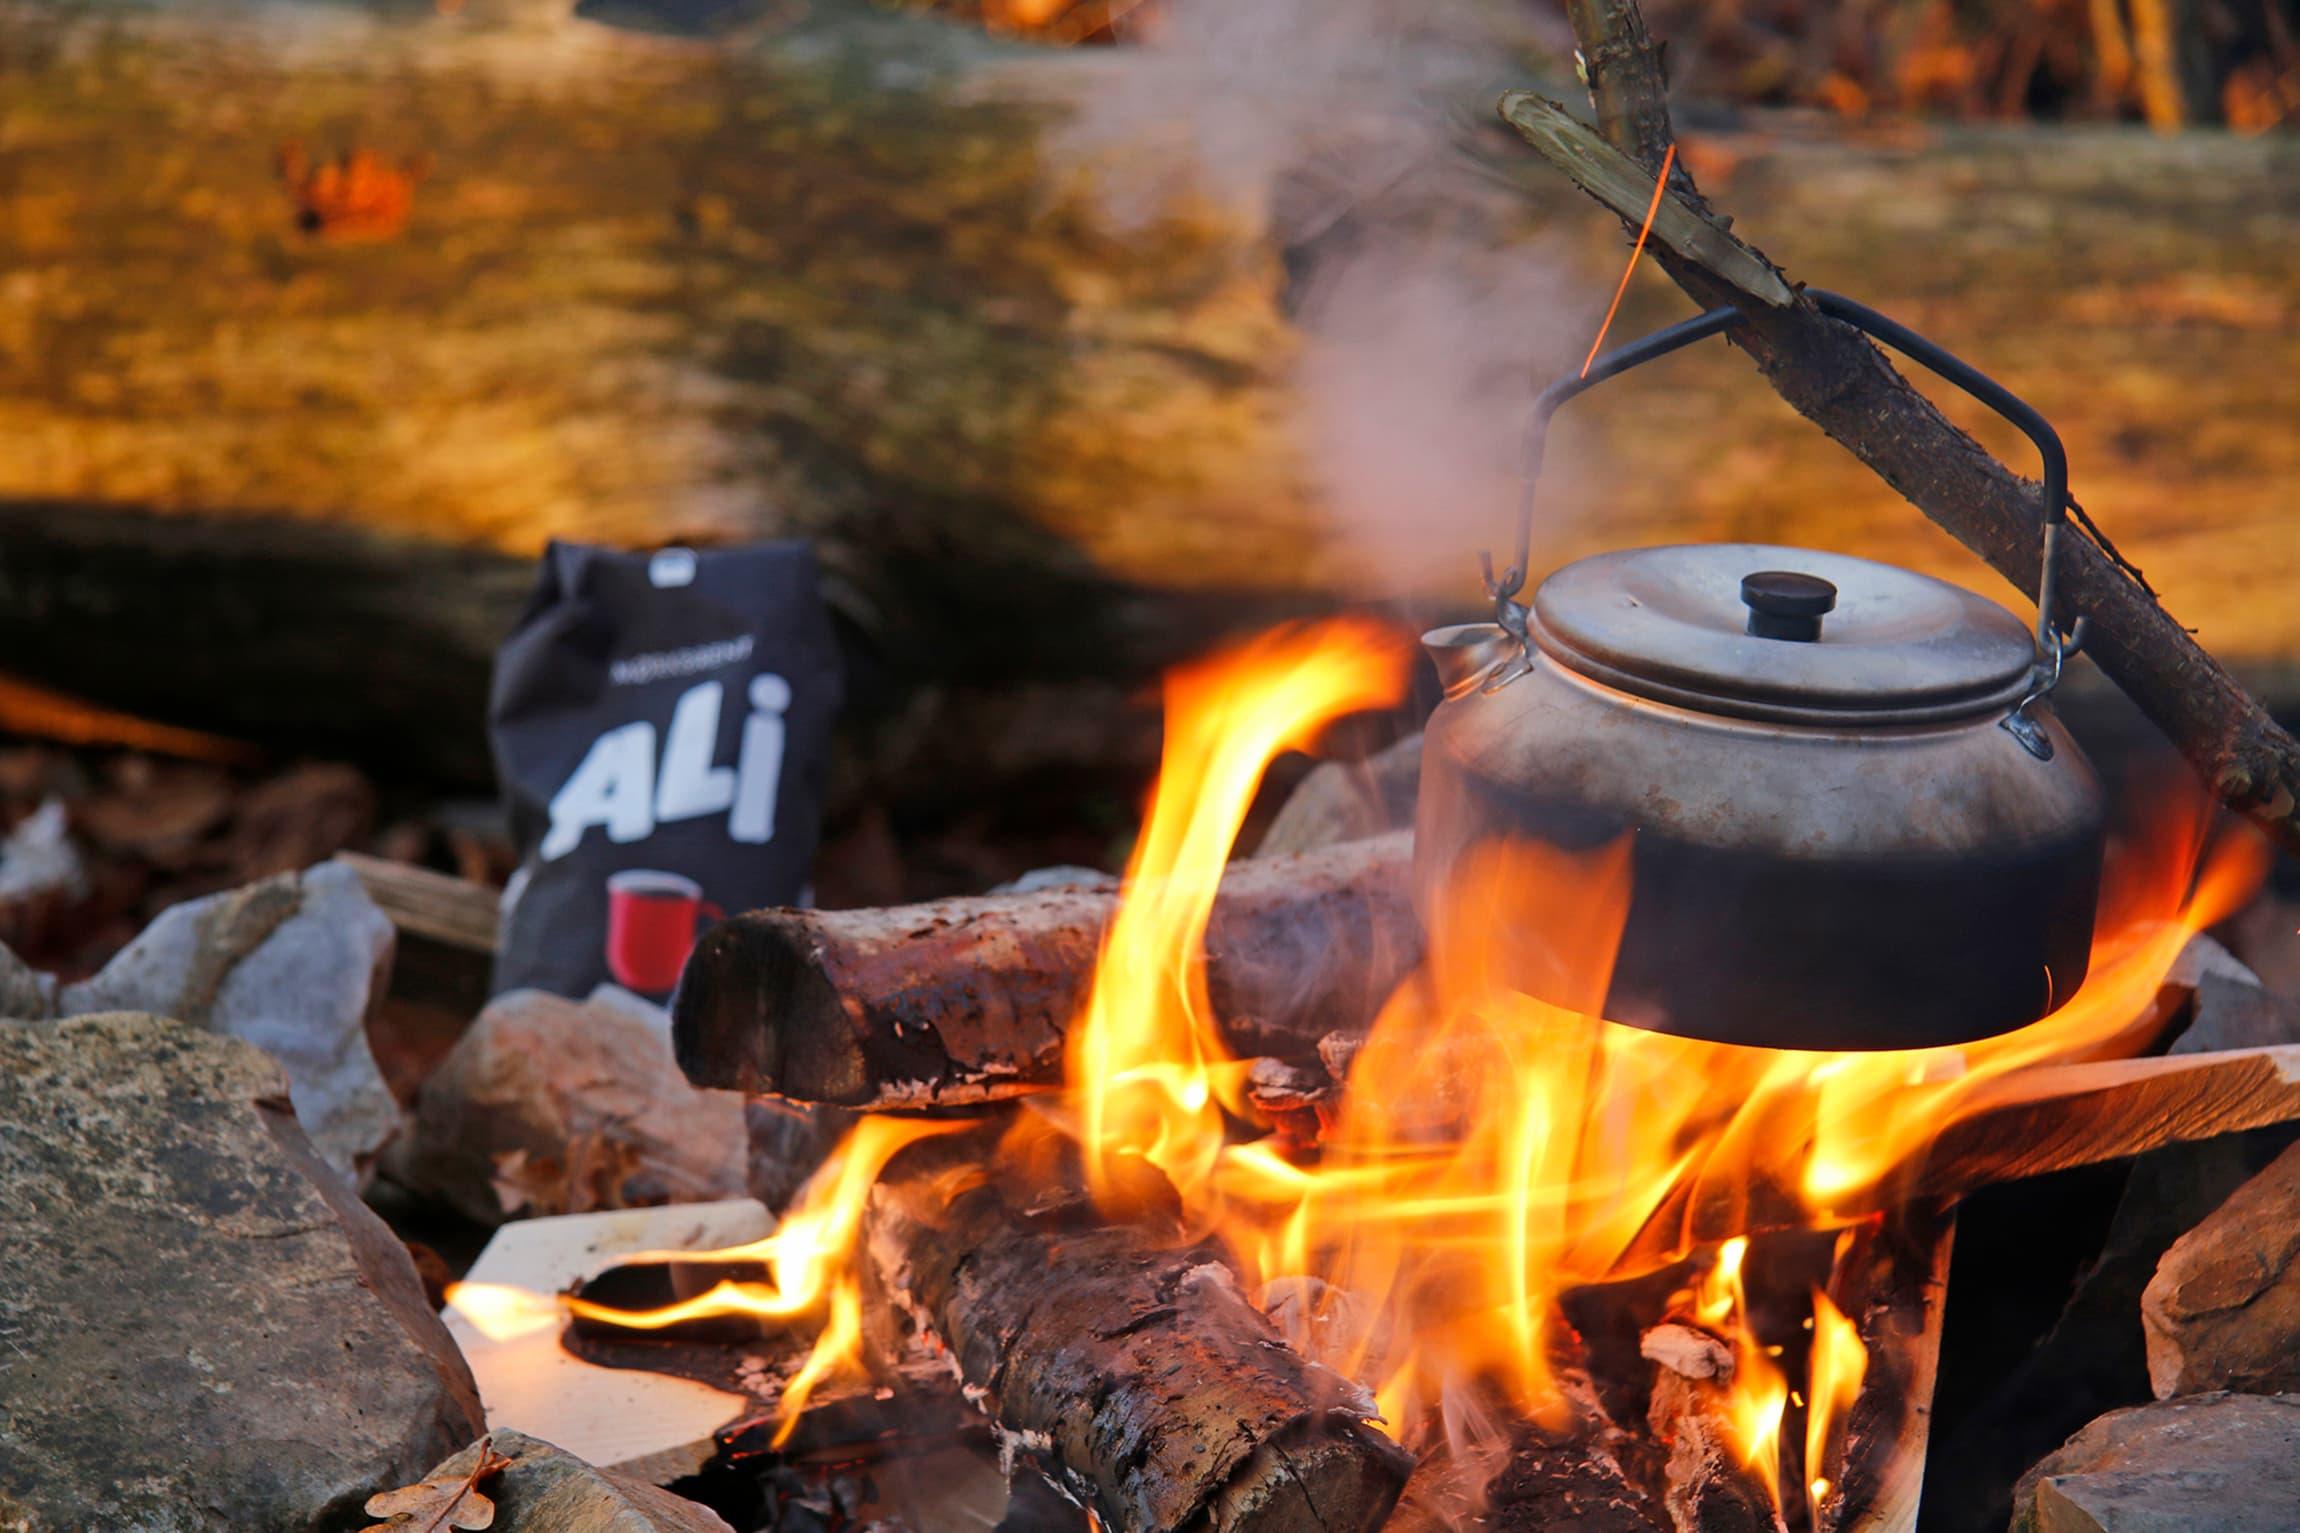 Er du en friluftsbarista? For mange er kaffepausen selve høydepunktet på turen - enten den blir med hjemmefra på termos, eller du lager den på bålet, så er det lite som slår kaffepausen.